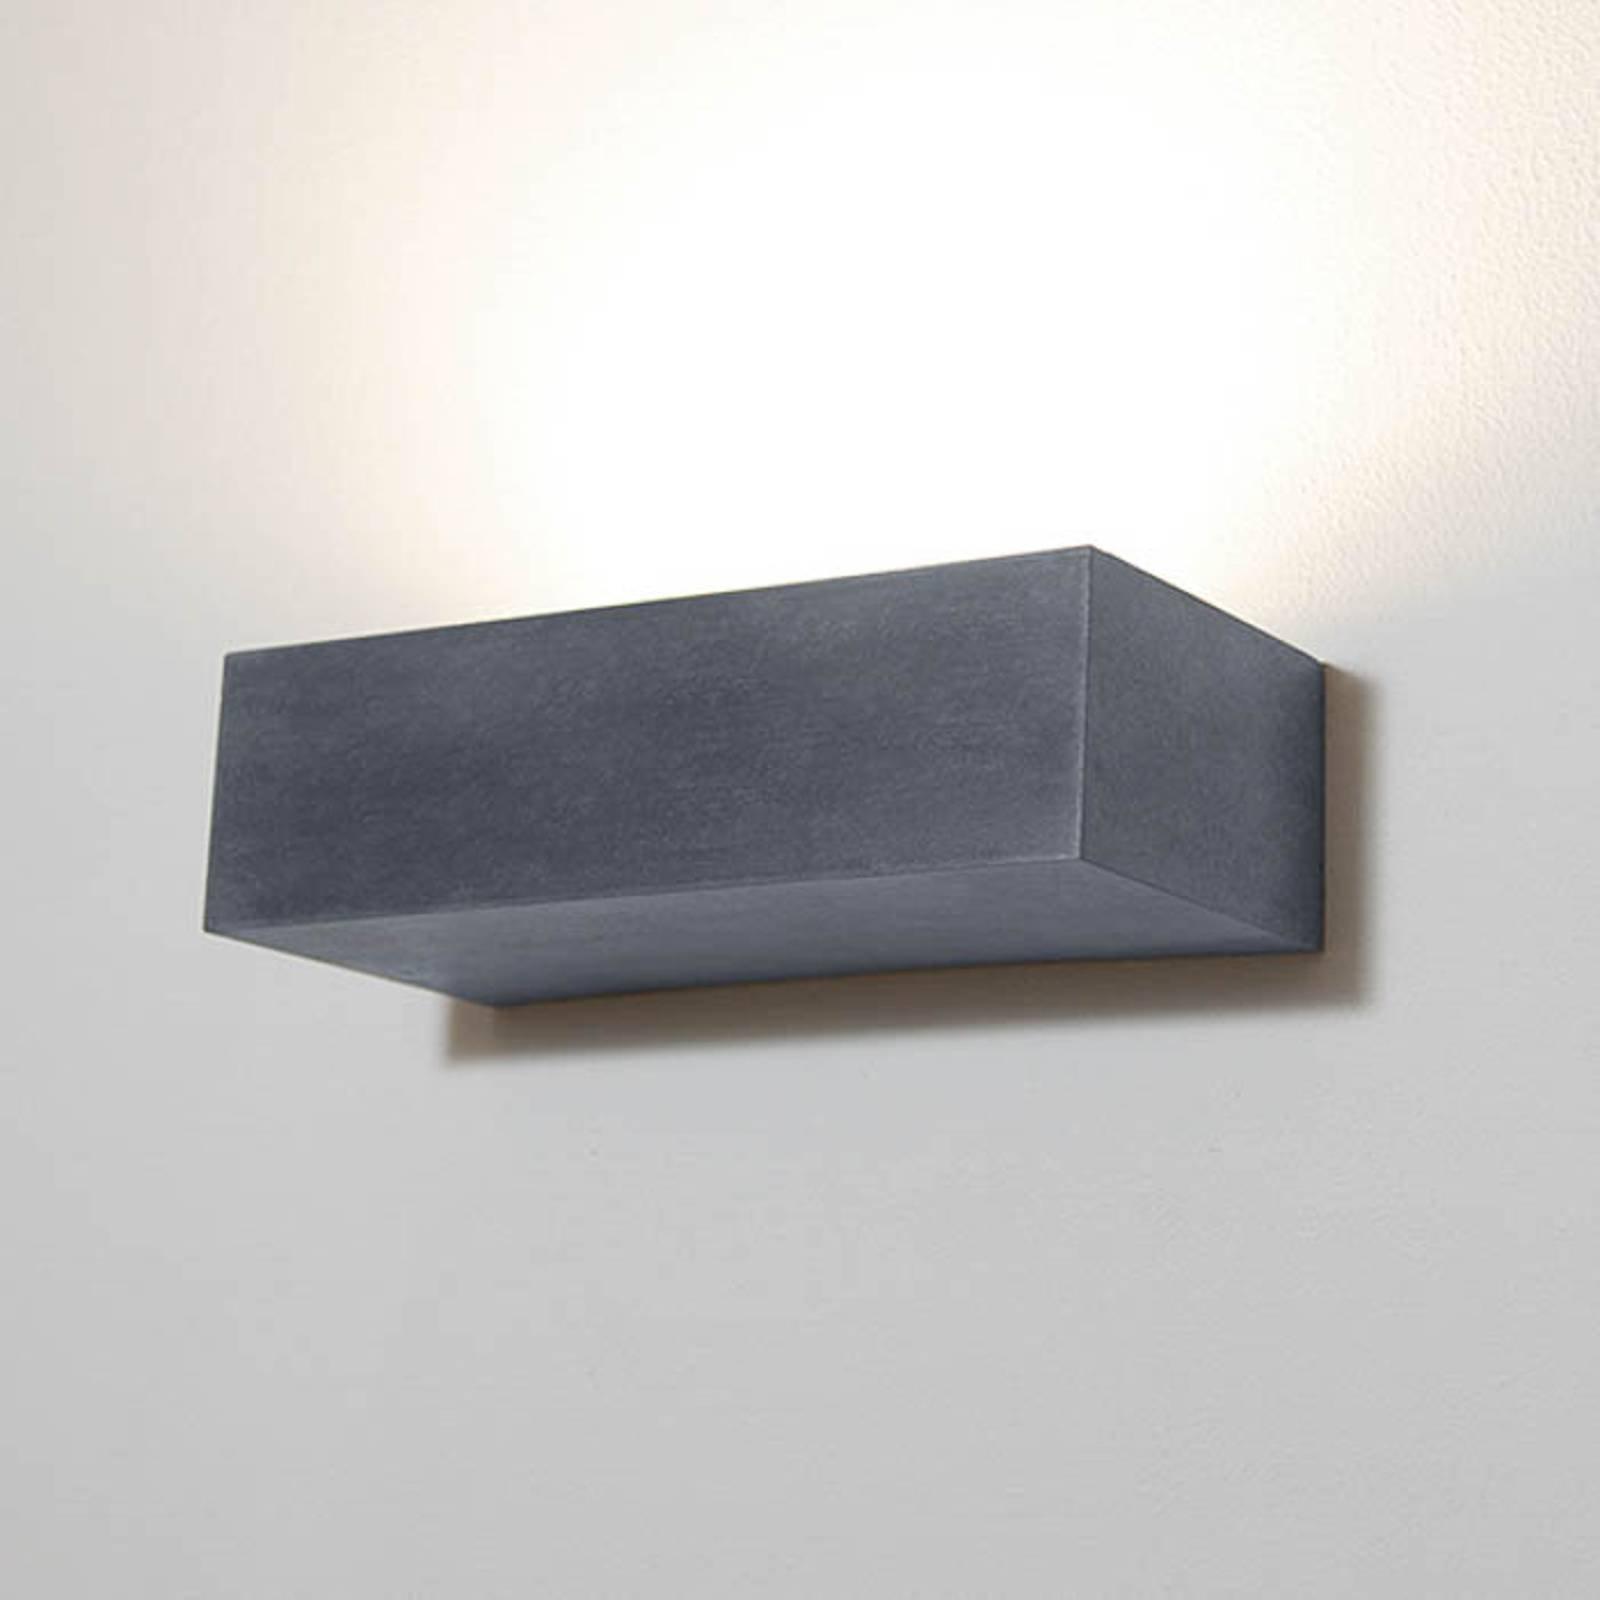 Utendørs LED-vegglampe 1091 kantet, svart